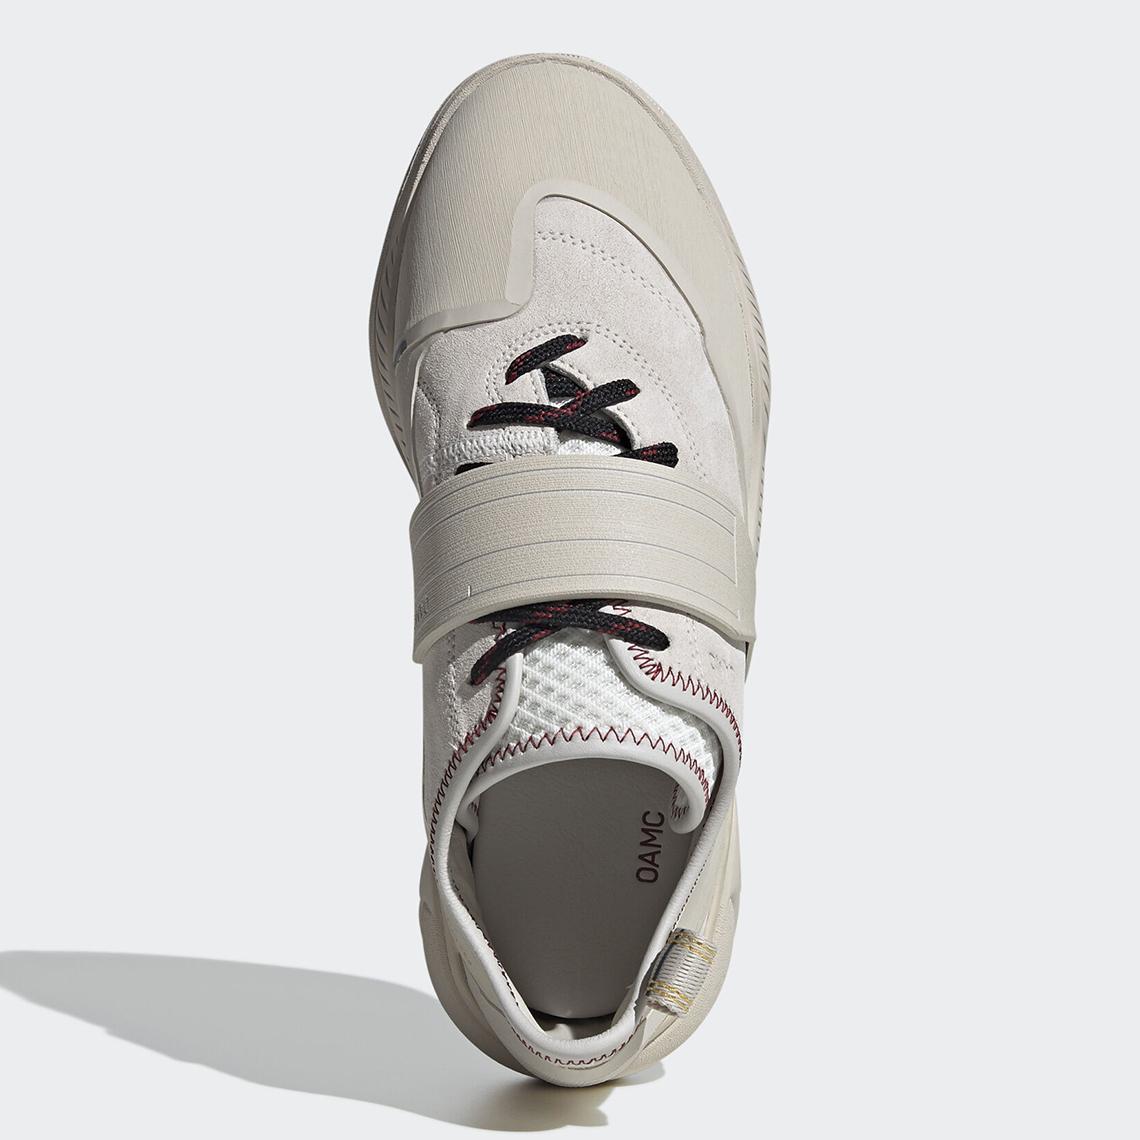 Oamc Adidas Type 01 Type 02 Grey White Release Info